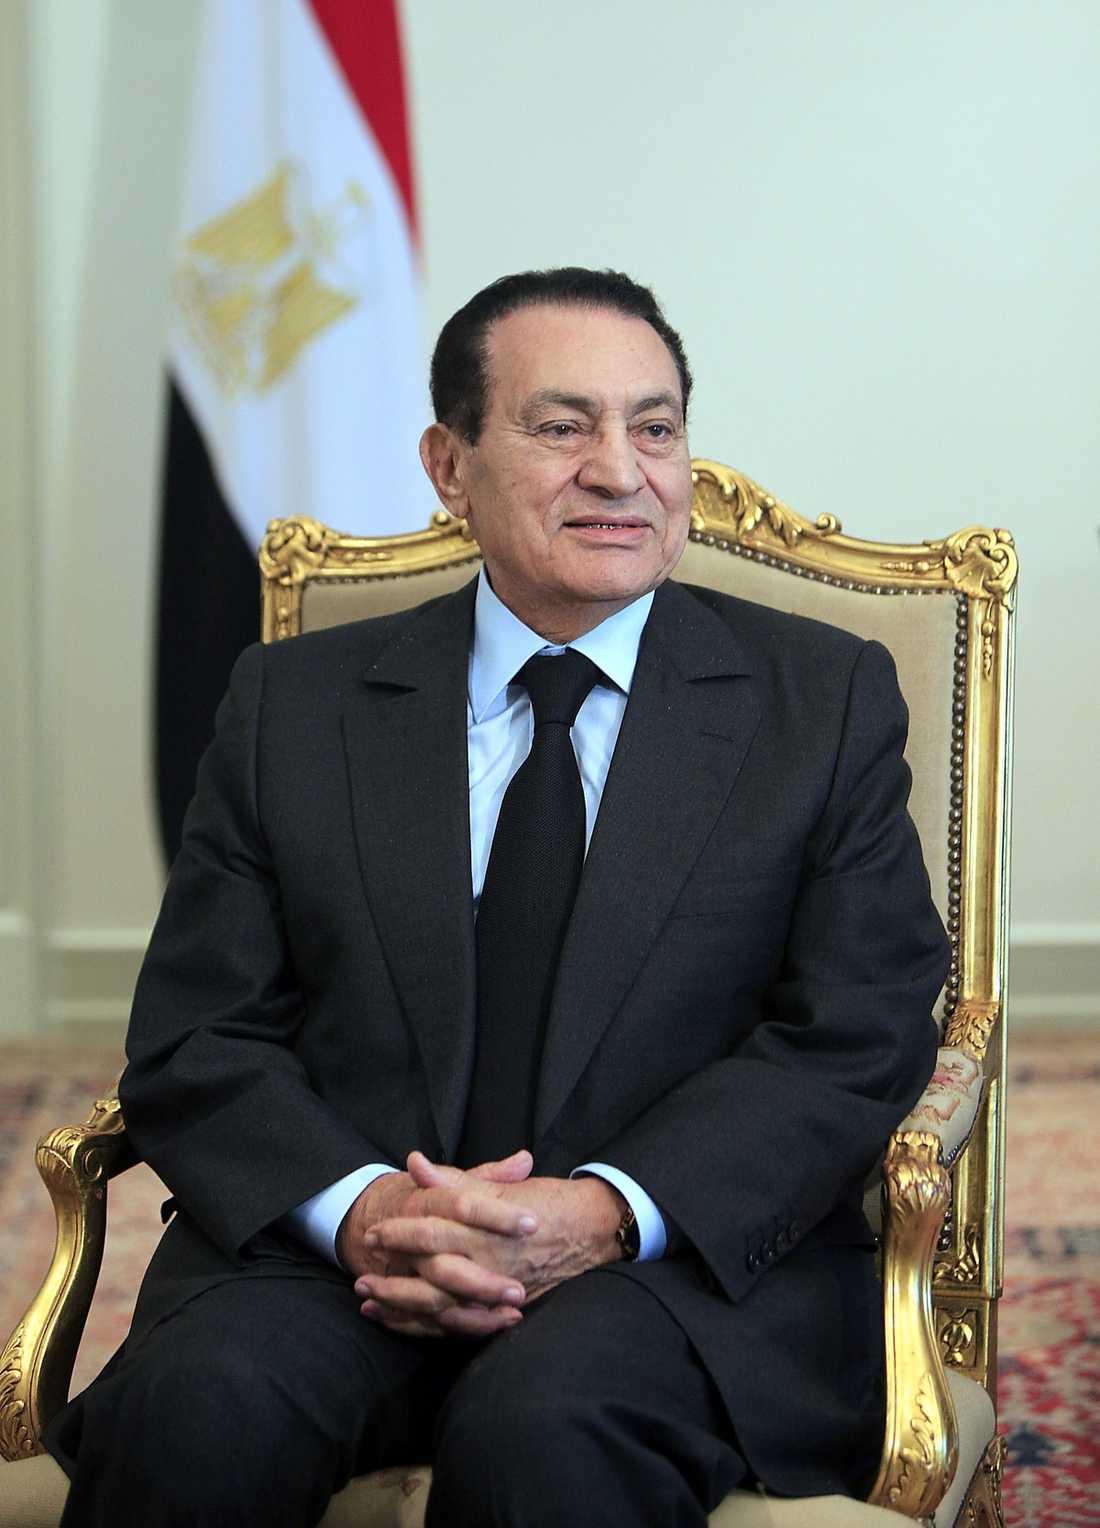 Inte alla egyptier vill se president Hosni Mubarak försvinna. För många står han för stabilitet.